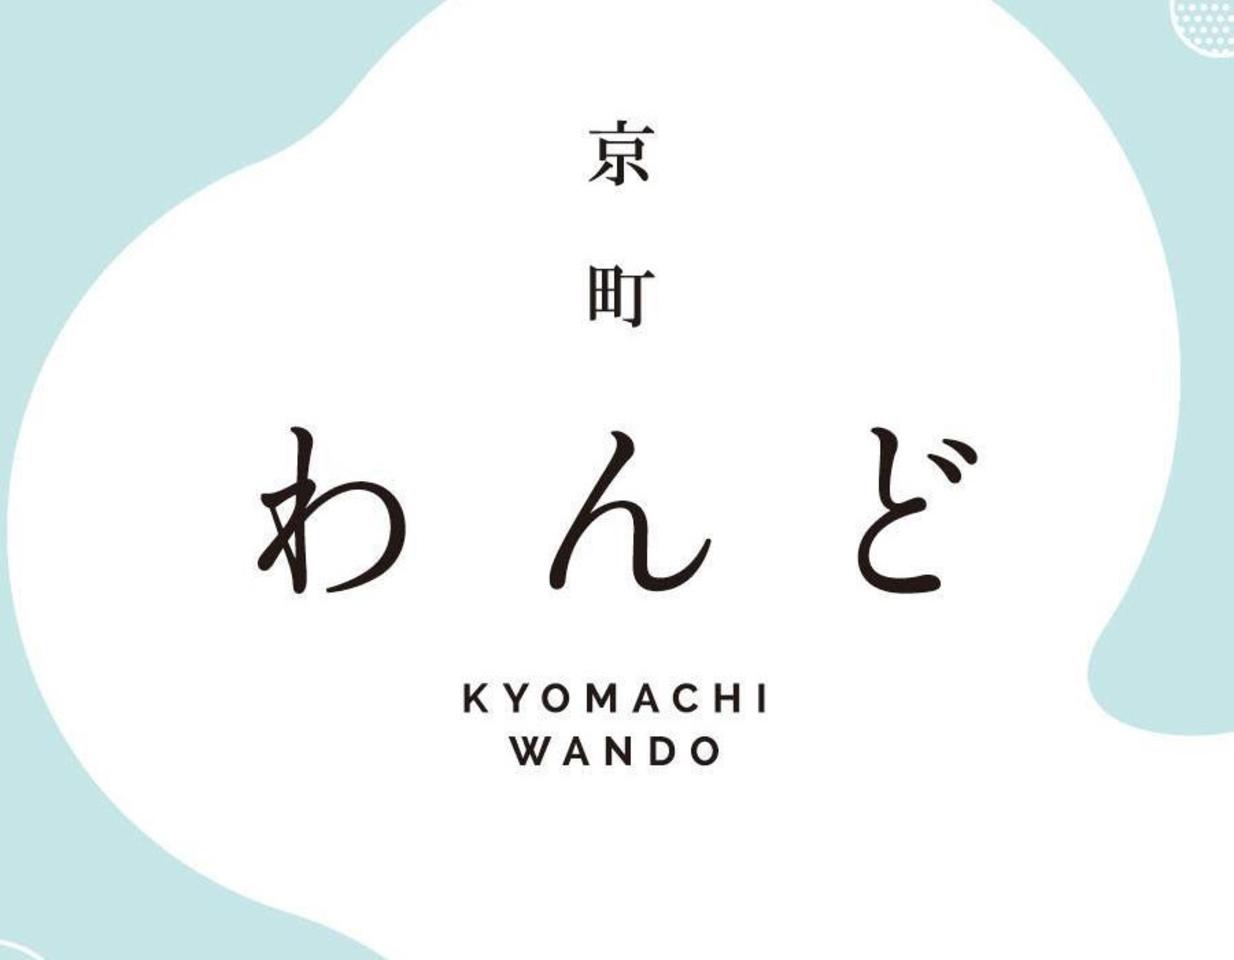 個性豊かなお店が4店舗に...京町通り『京町わんど』グランドオープン。